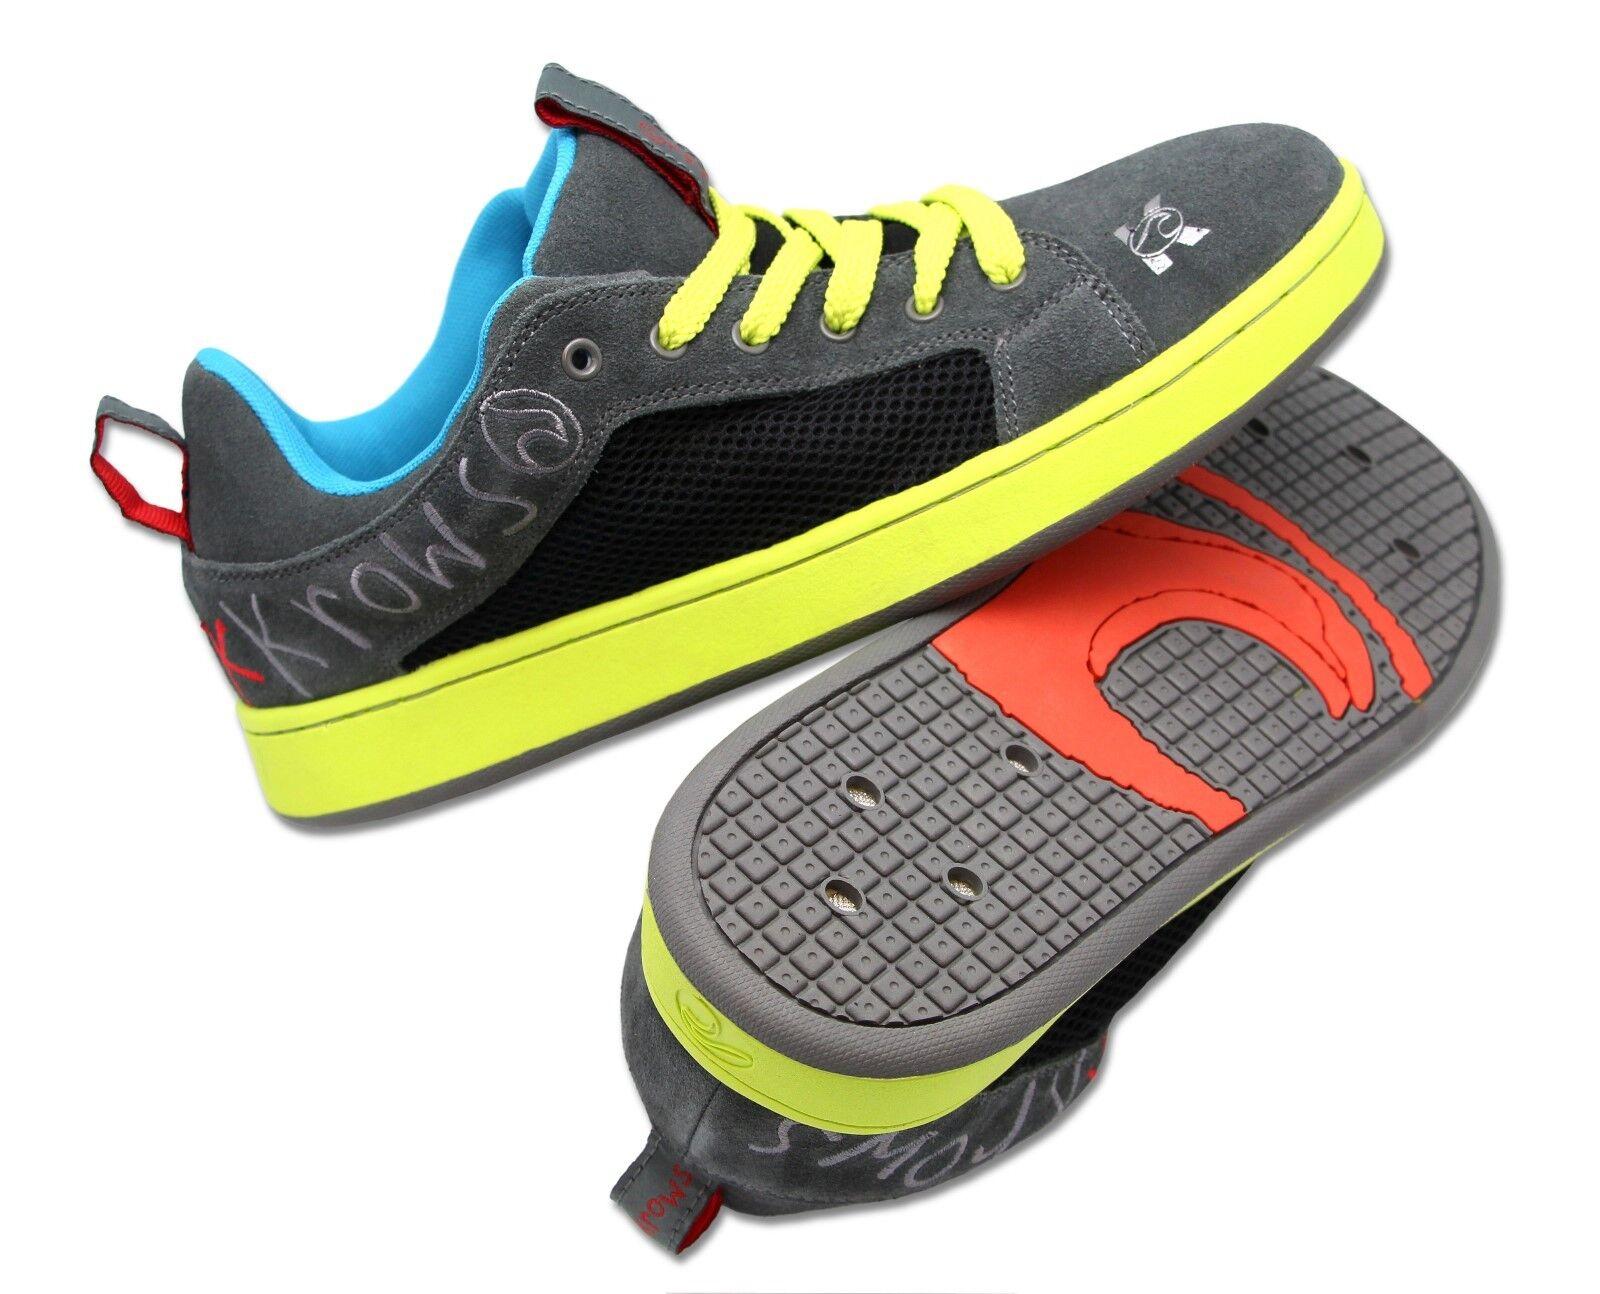 Skechers Para Hombre Tenis de de Moda Trahan carga de Tenis profundidad-Elige talla/color 223701